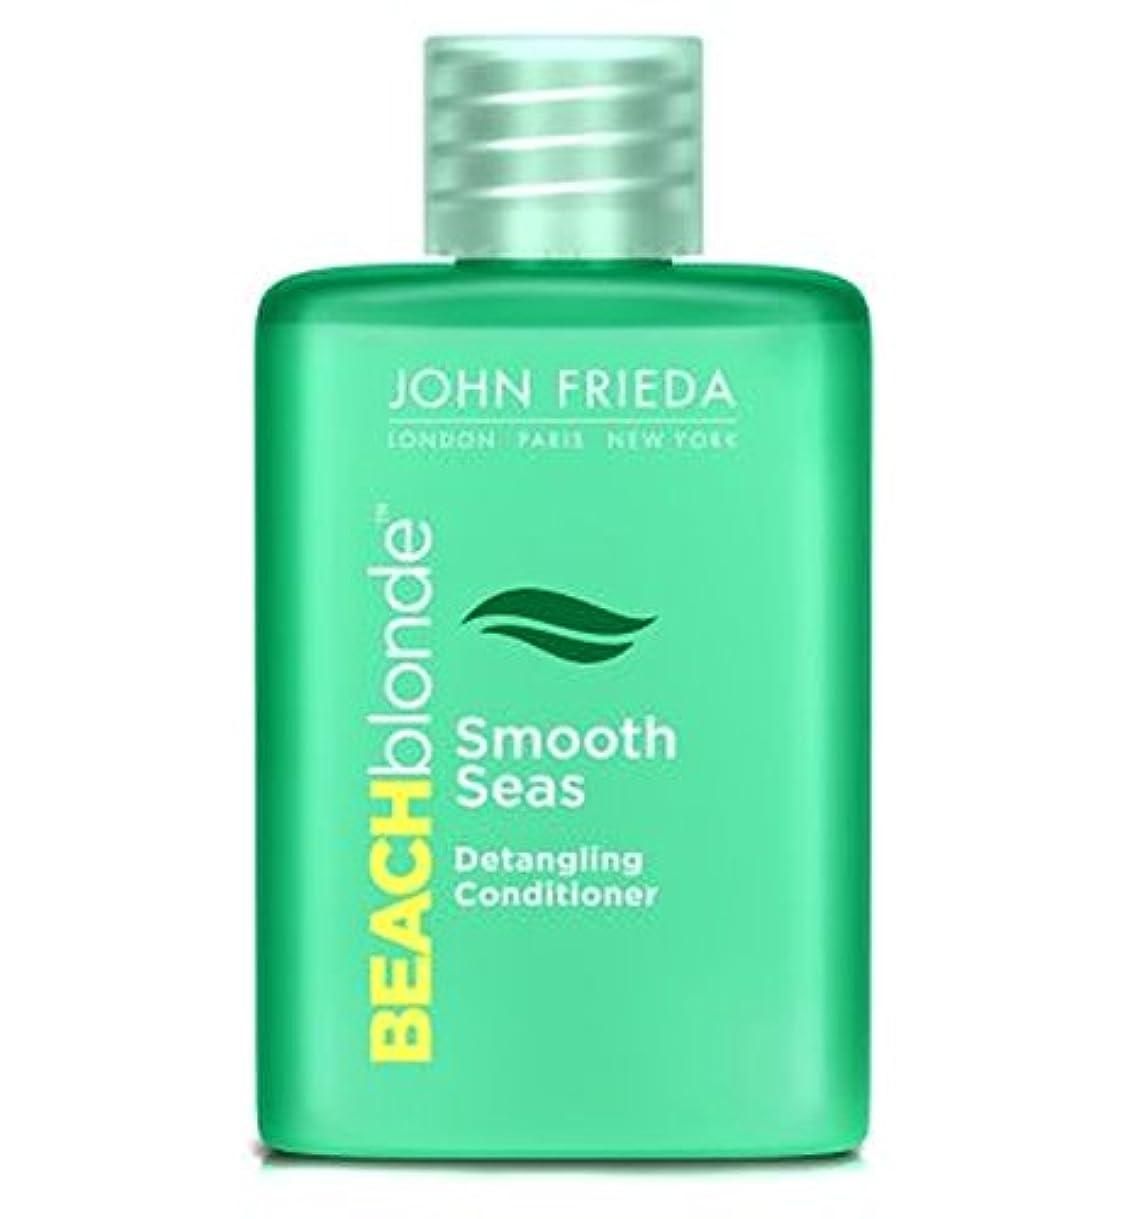 カポック破滅的な属するJohn Frieda? Beach Blonde Smooth Seas Detangling Conditioner 50ml - コンディショナー50ミリリットルをもつれ解除ジョンFrieda?ビーチブロンド滑らかな海 (John Frieda) [並行輸入品]